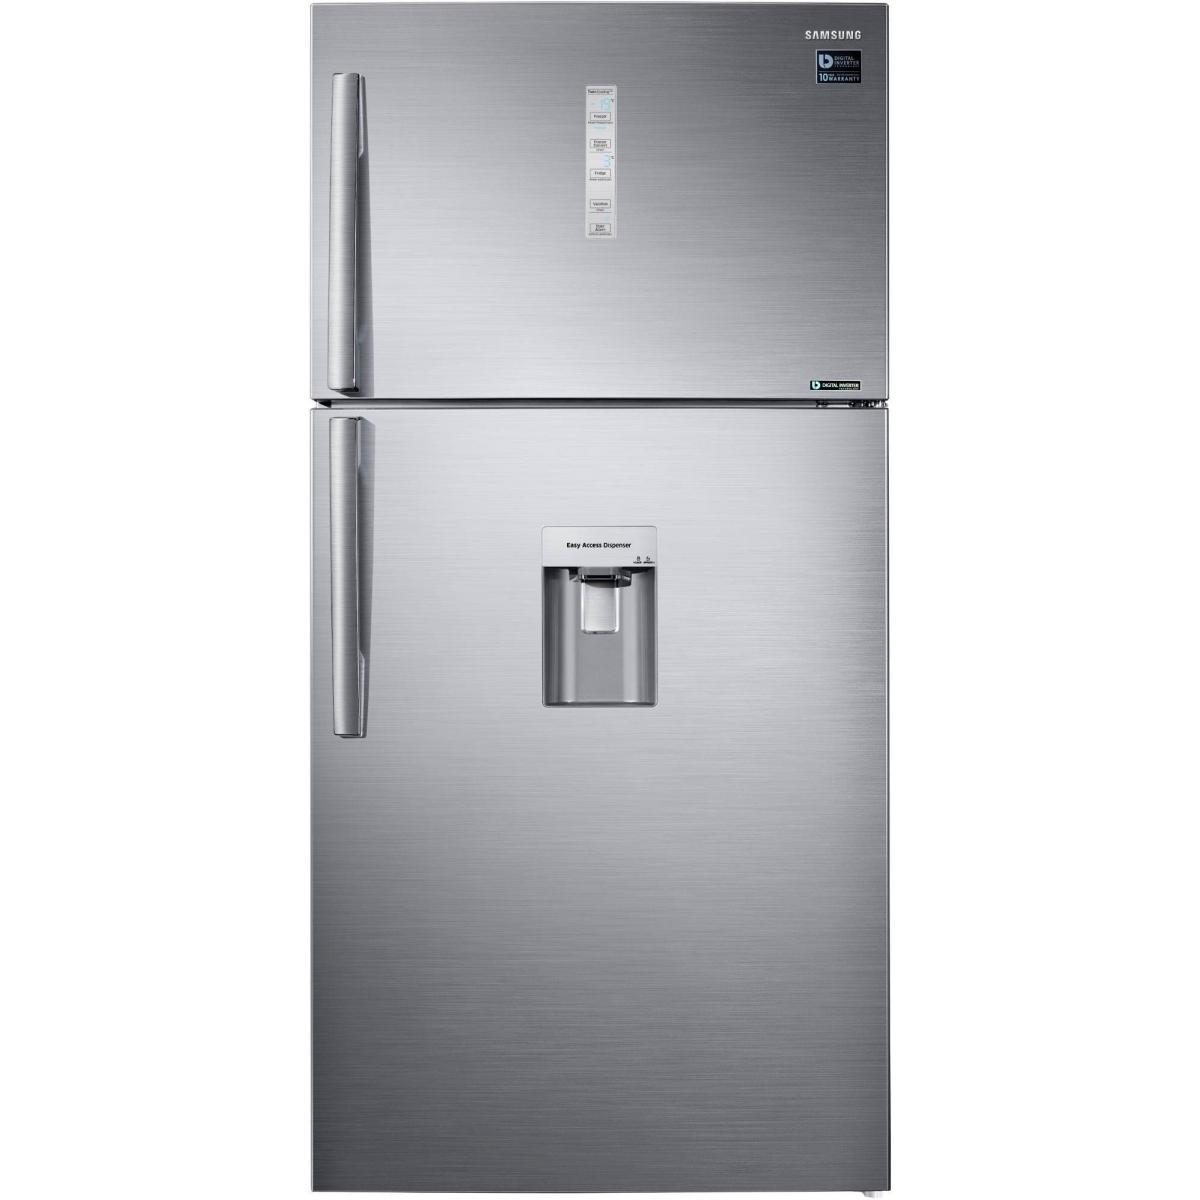 Samsung Réfrigérateur 2 portes 583L Froid Ventilé SAMSUNG 84cm A+, RT 58 K 7100 S 9